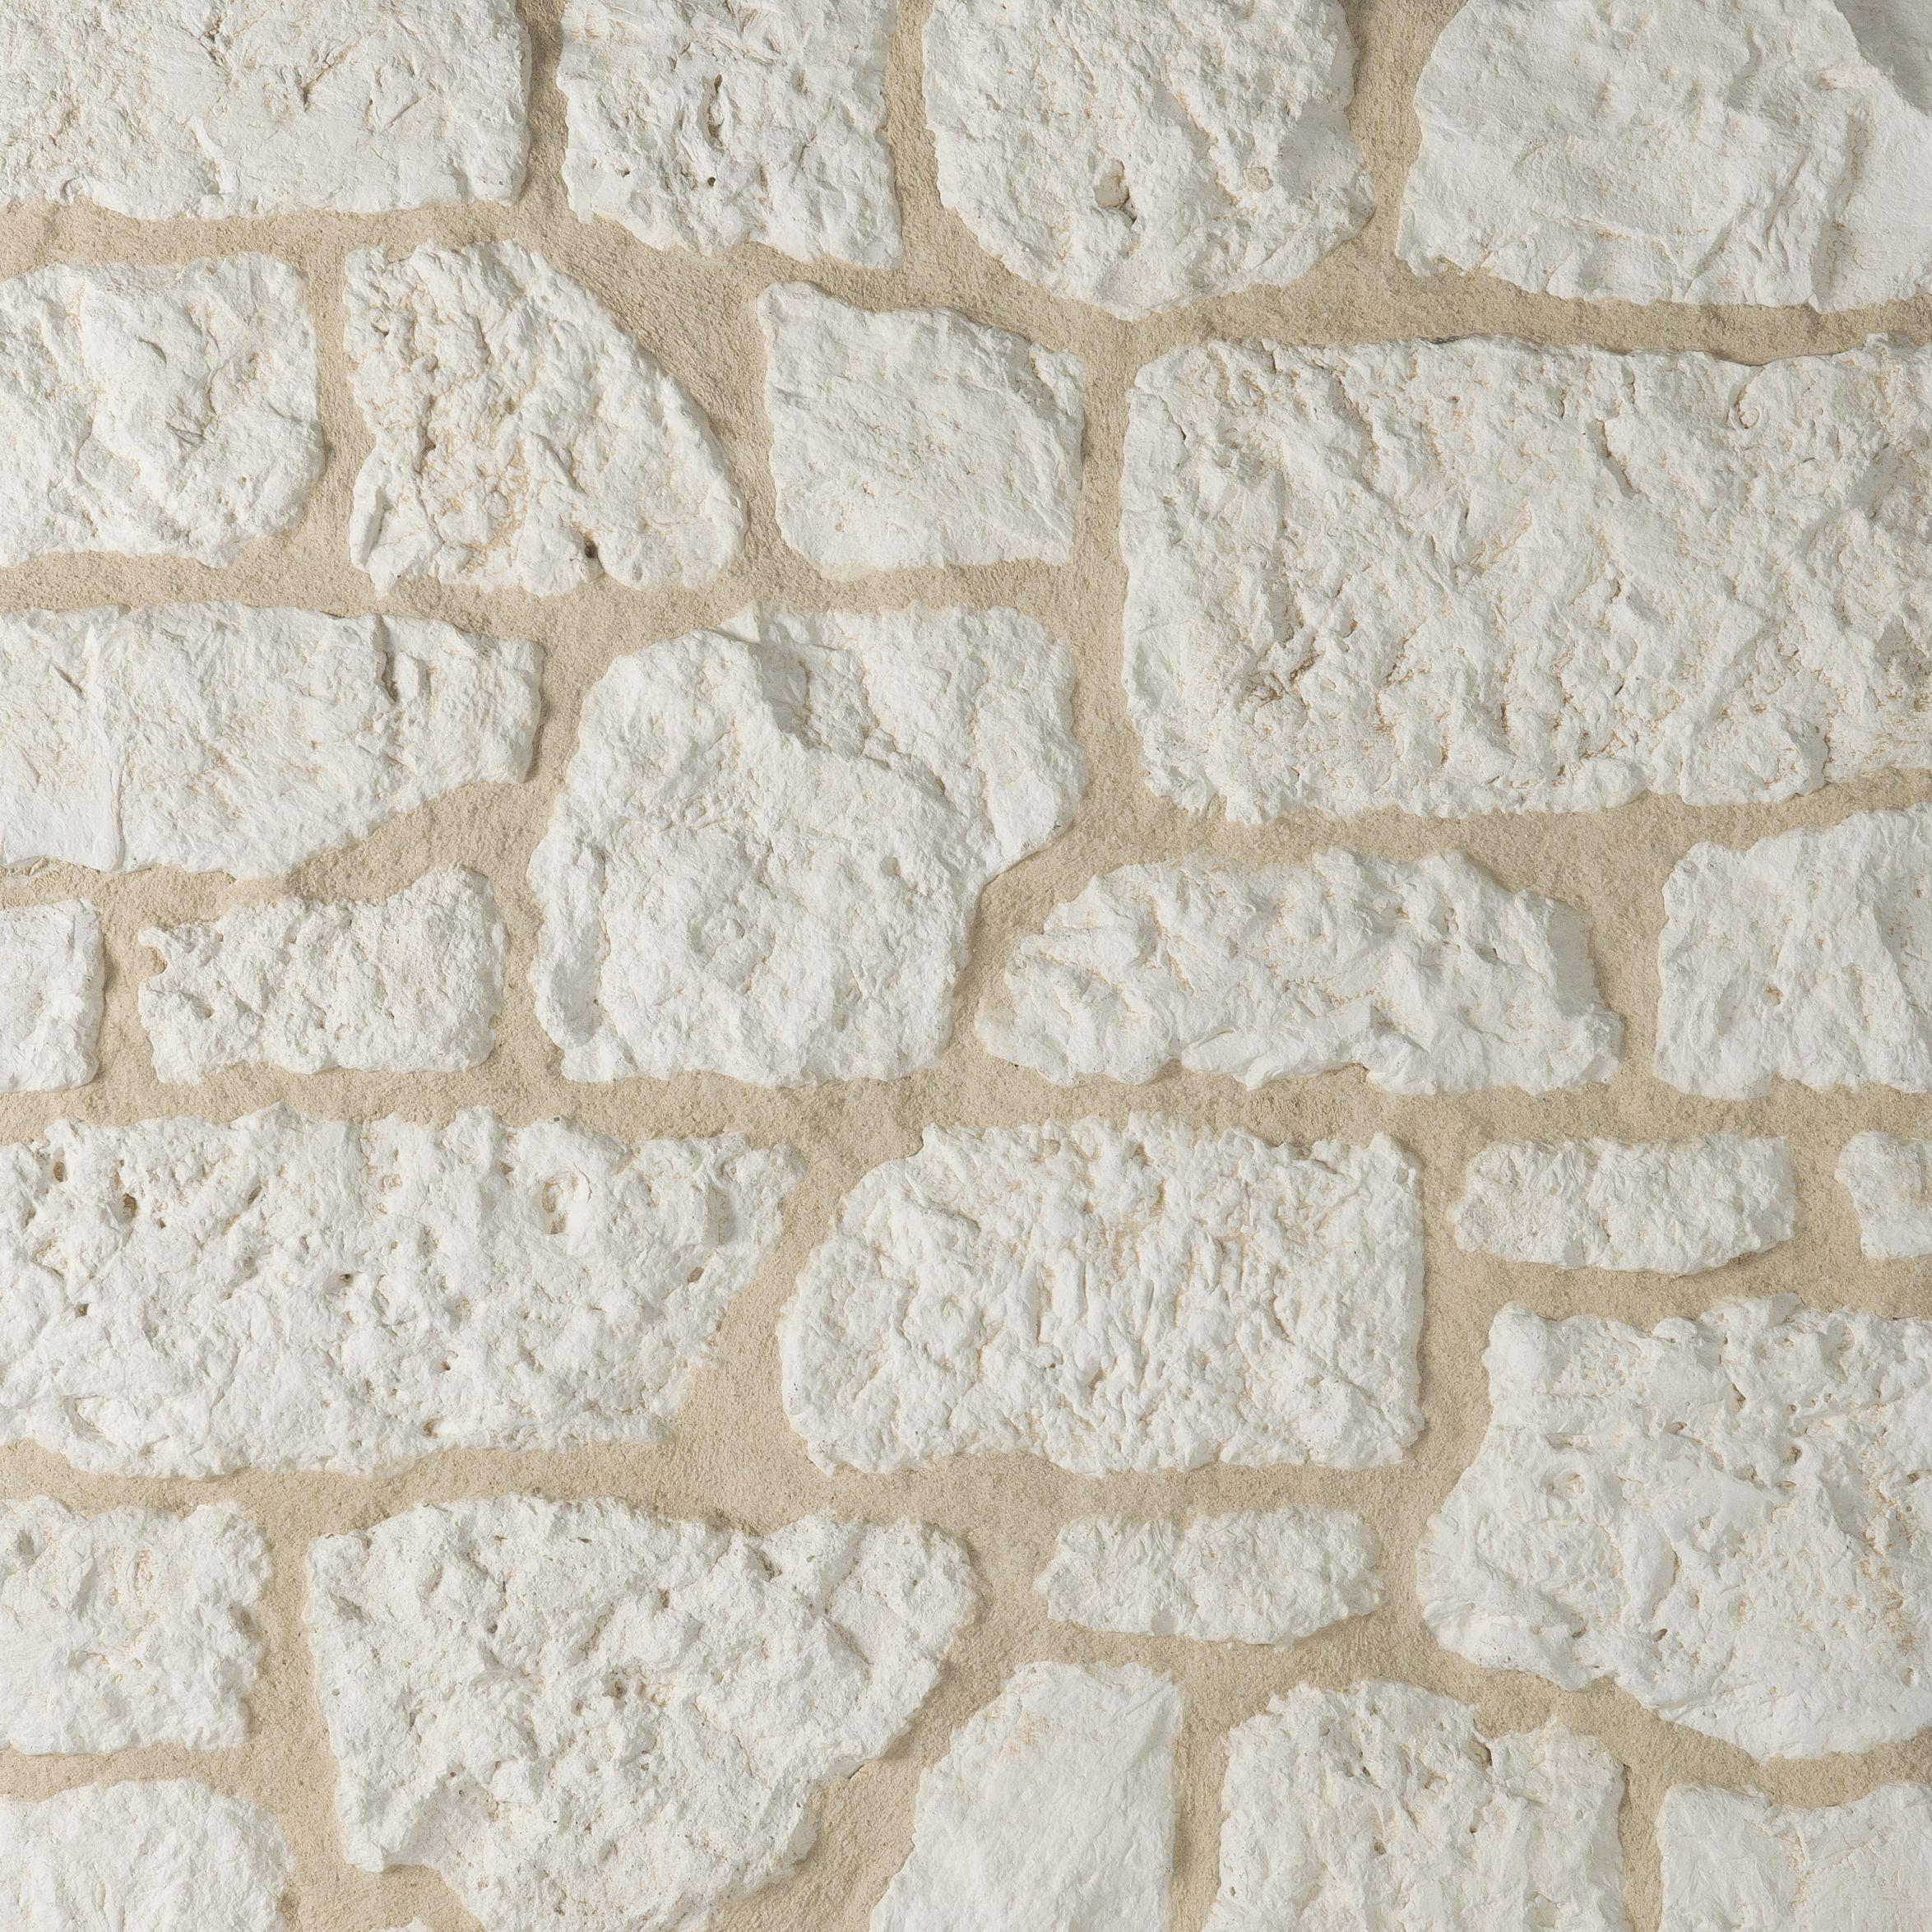 Mur En Pierre Interieur Beige image parement pierre interieur de bouchon lucie du tableau